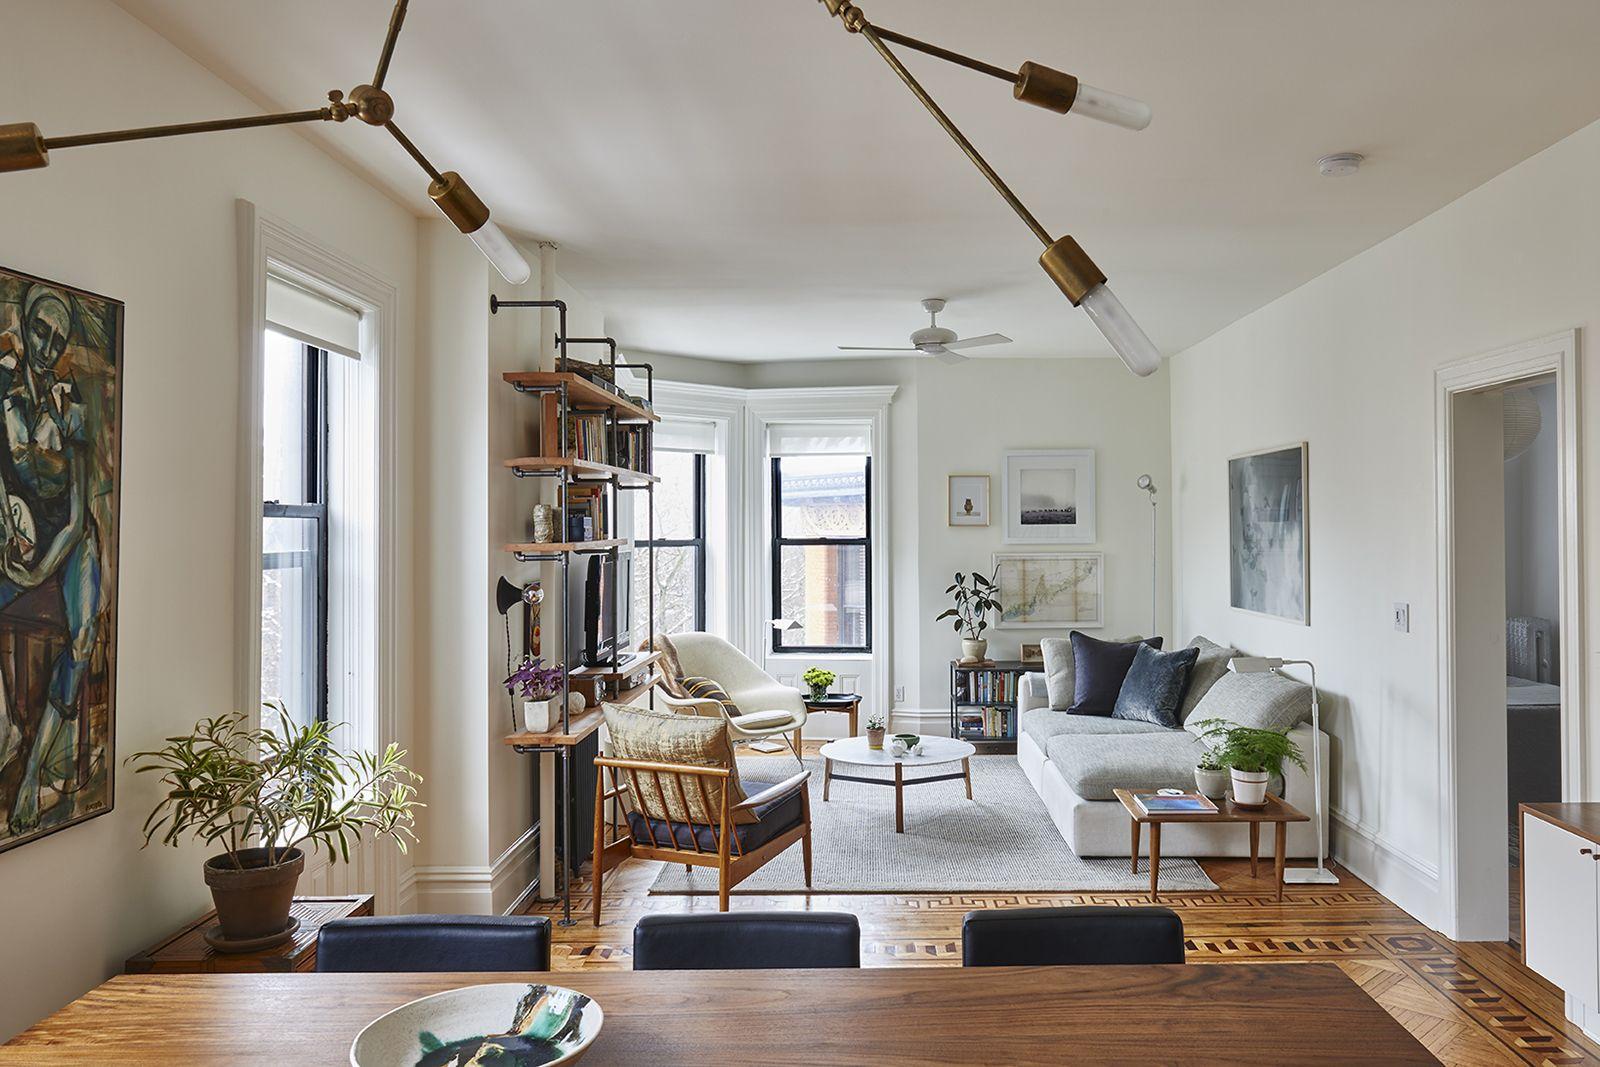 дизайн для маленькой квартиры_Бруклин_28 метров_2